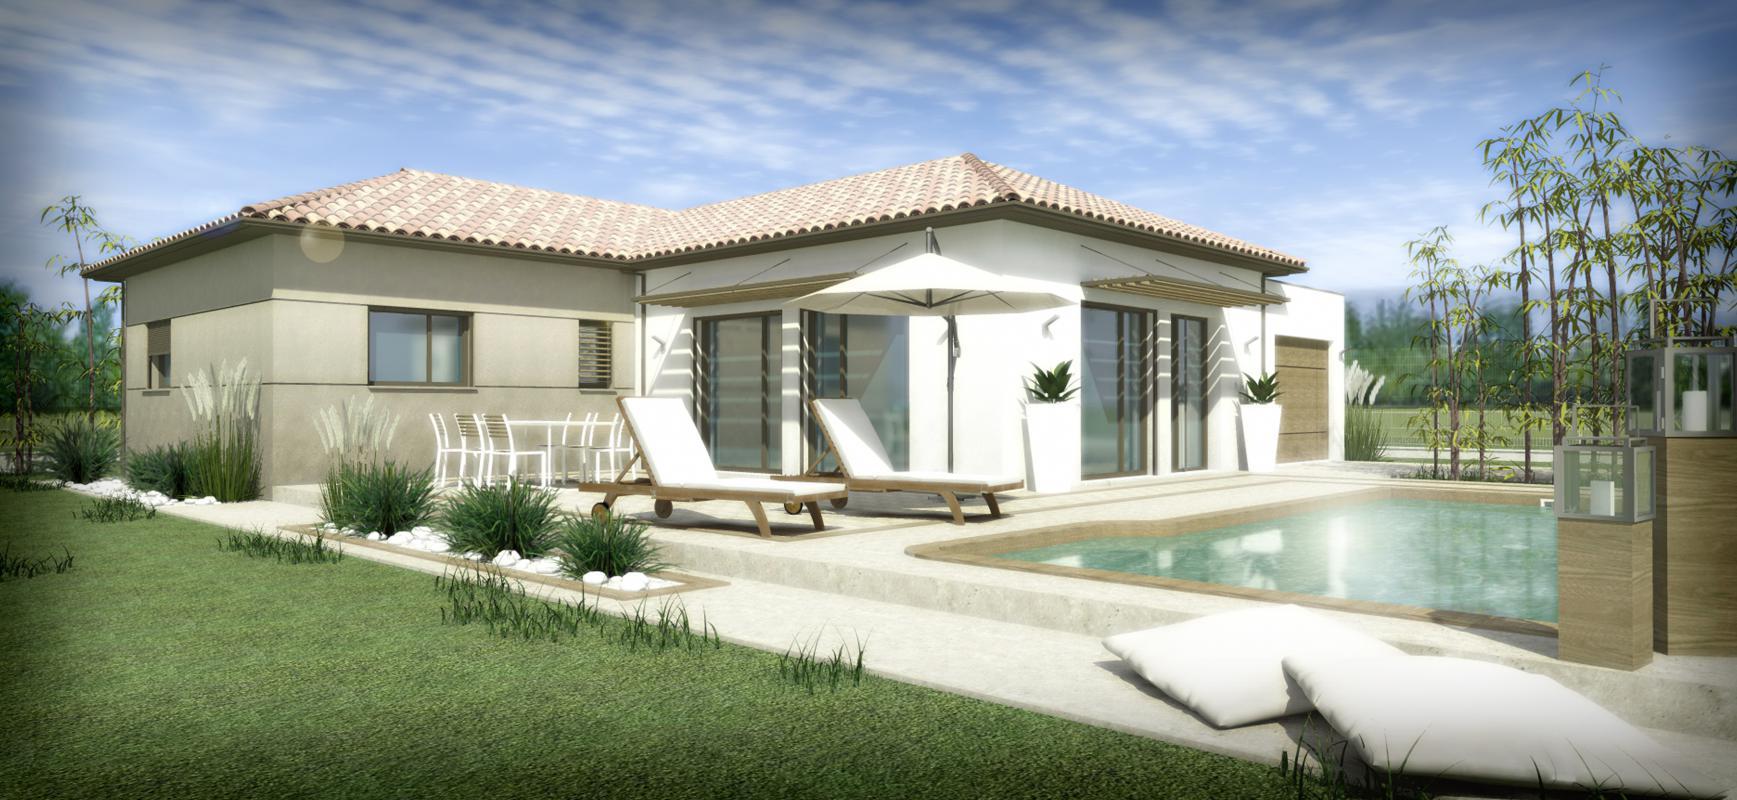 Maisons + Terrains du constructeur SM 11 • 100 m² • FLORENSAC